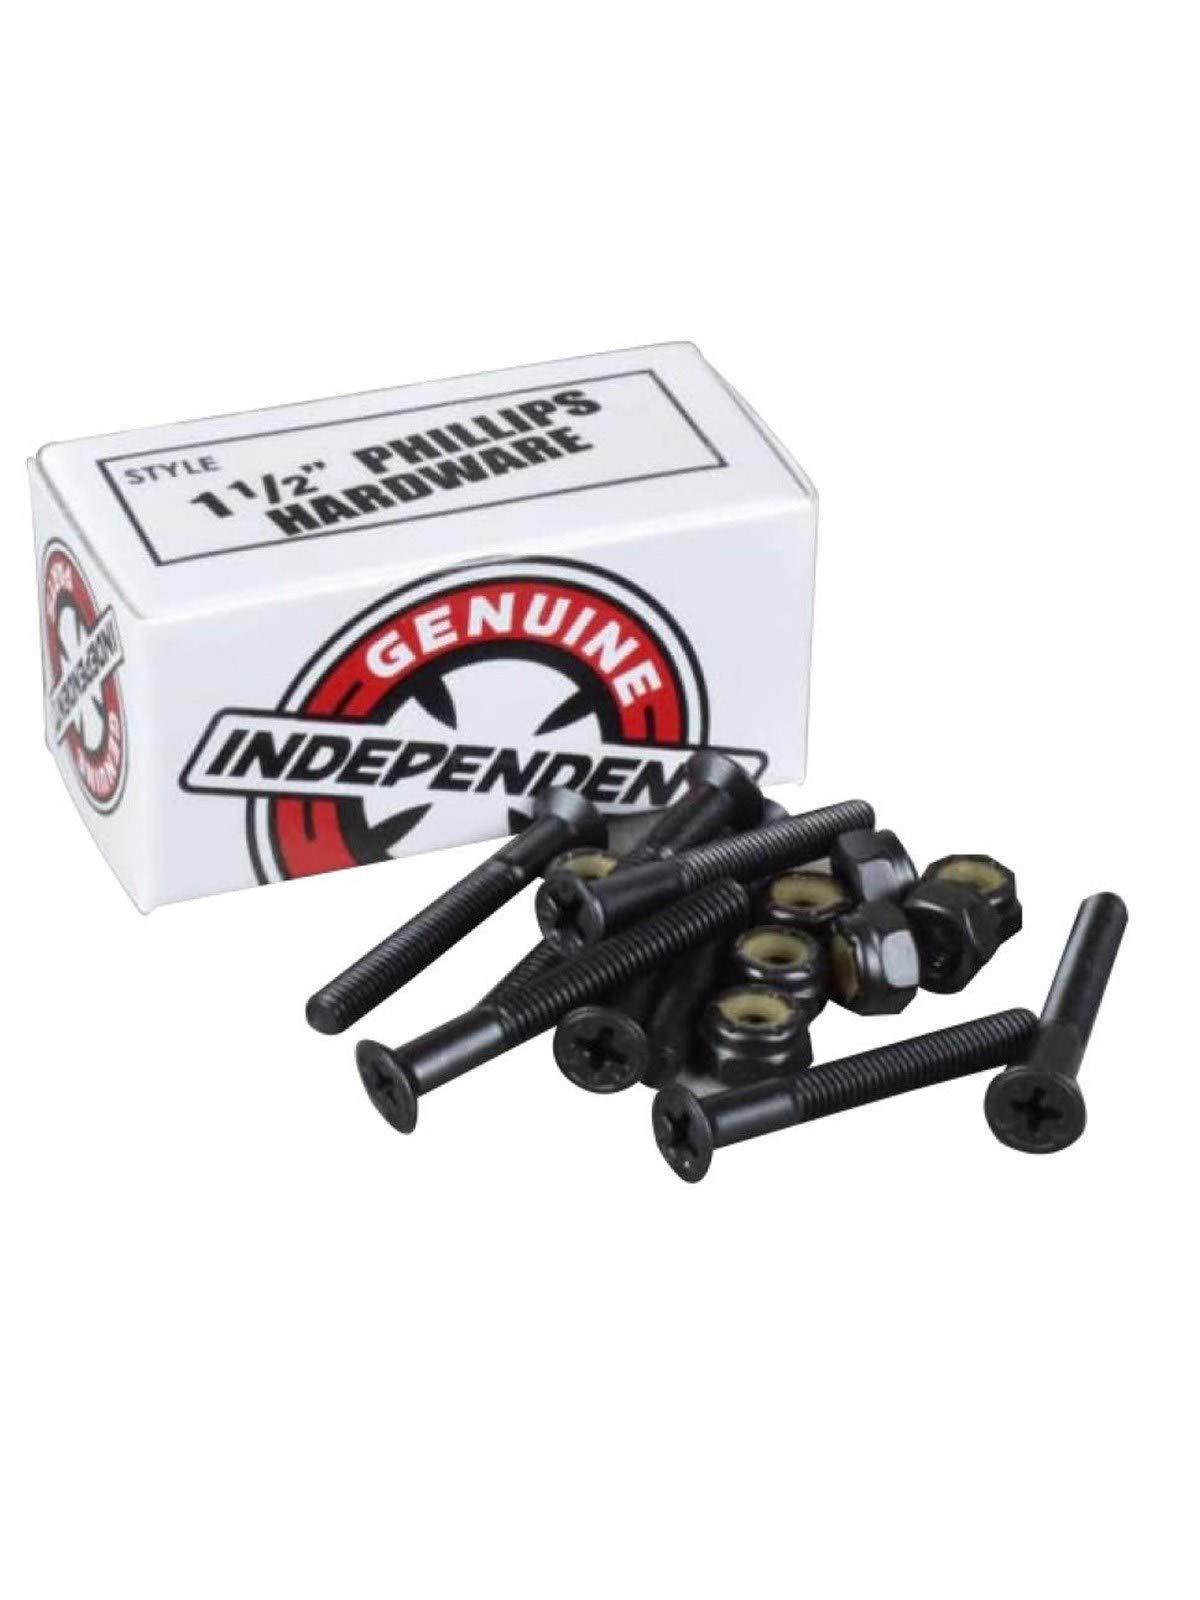 Independent Genuine Parts Cross Bolts Standard Phillips Skateboard Hardware (Black/Black, 1 1/2'')